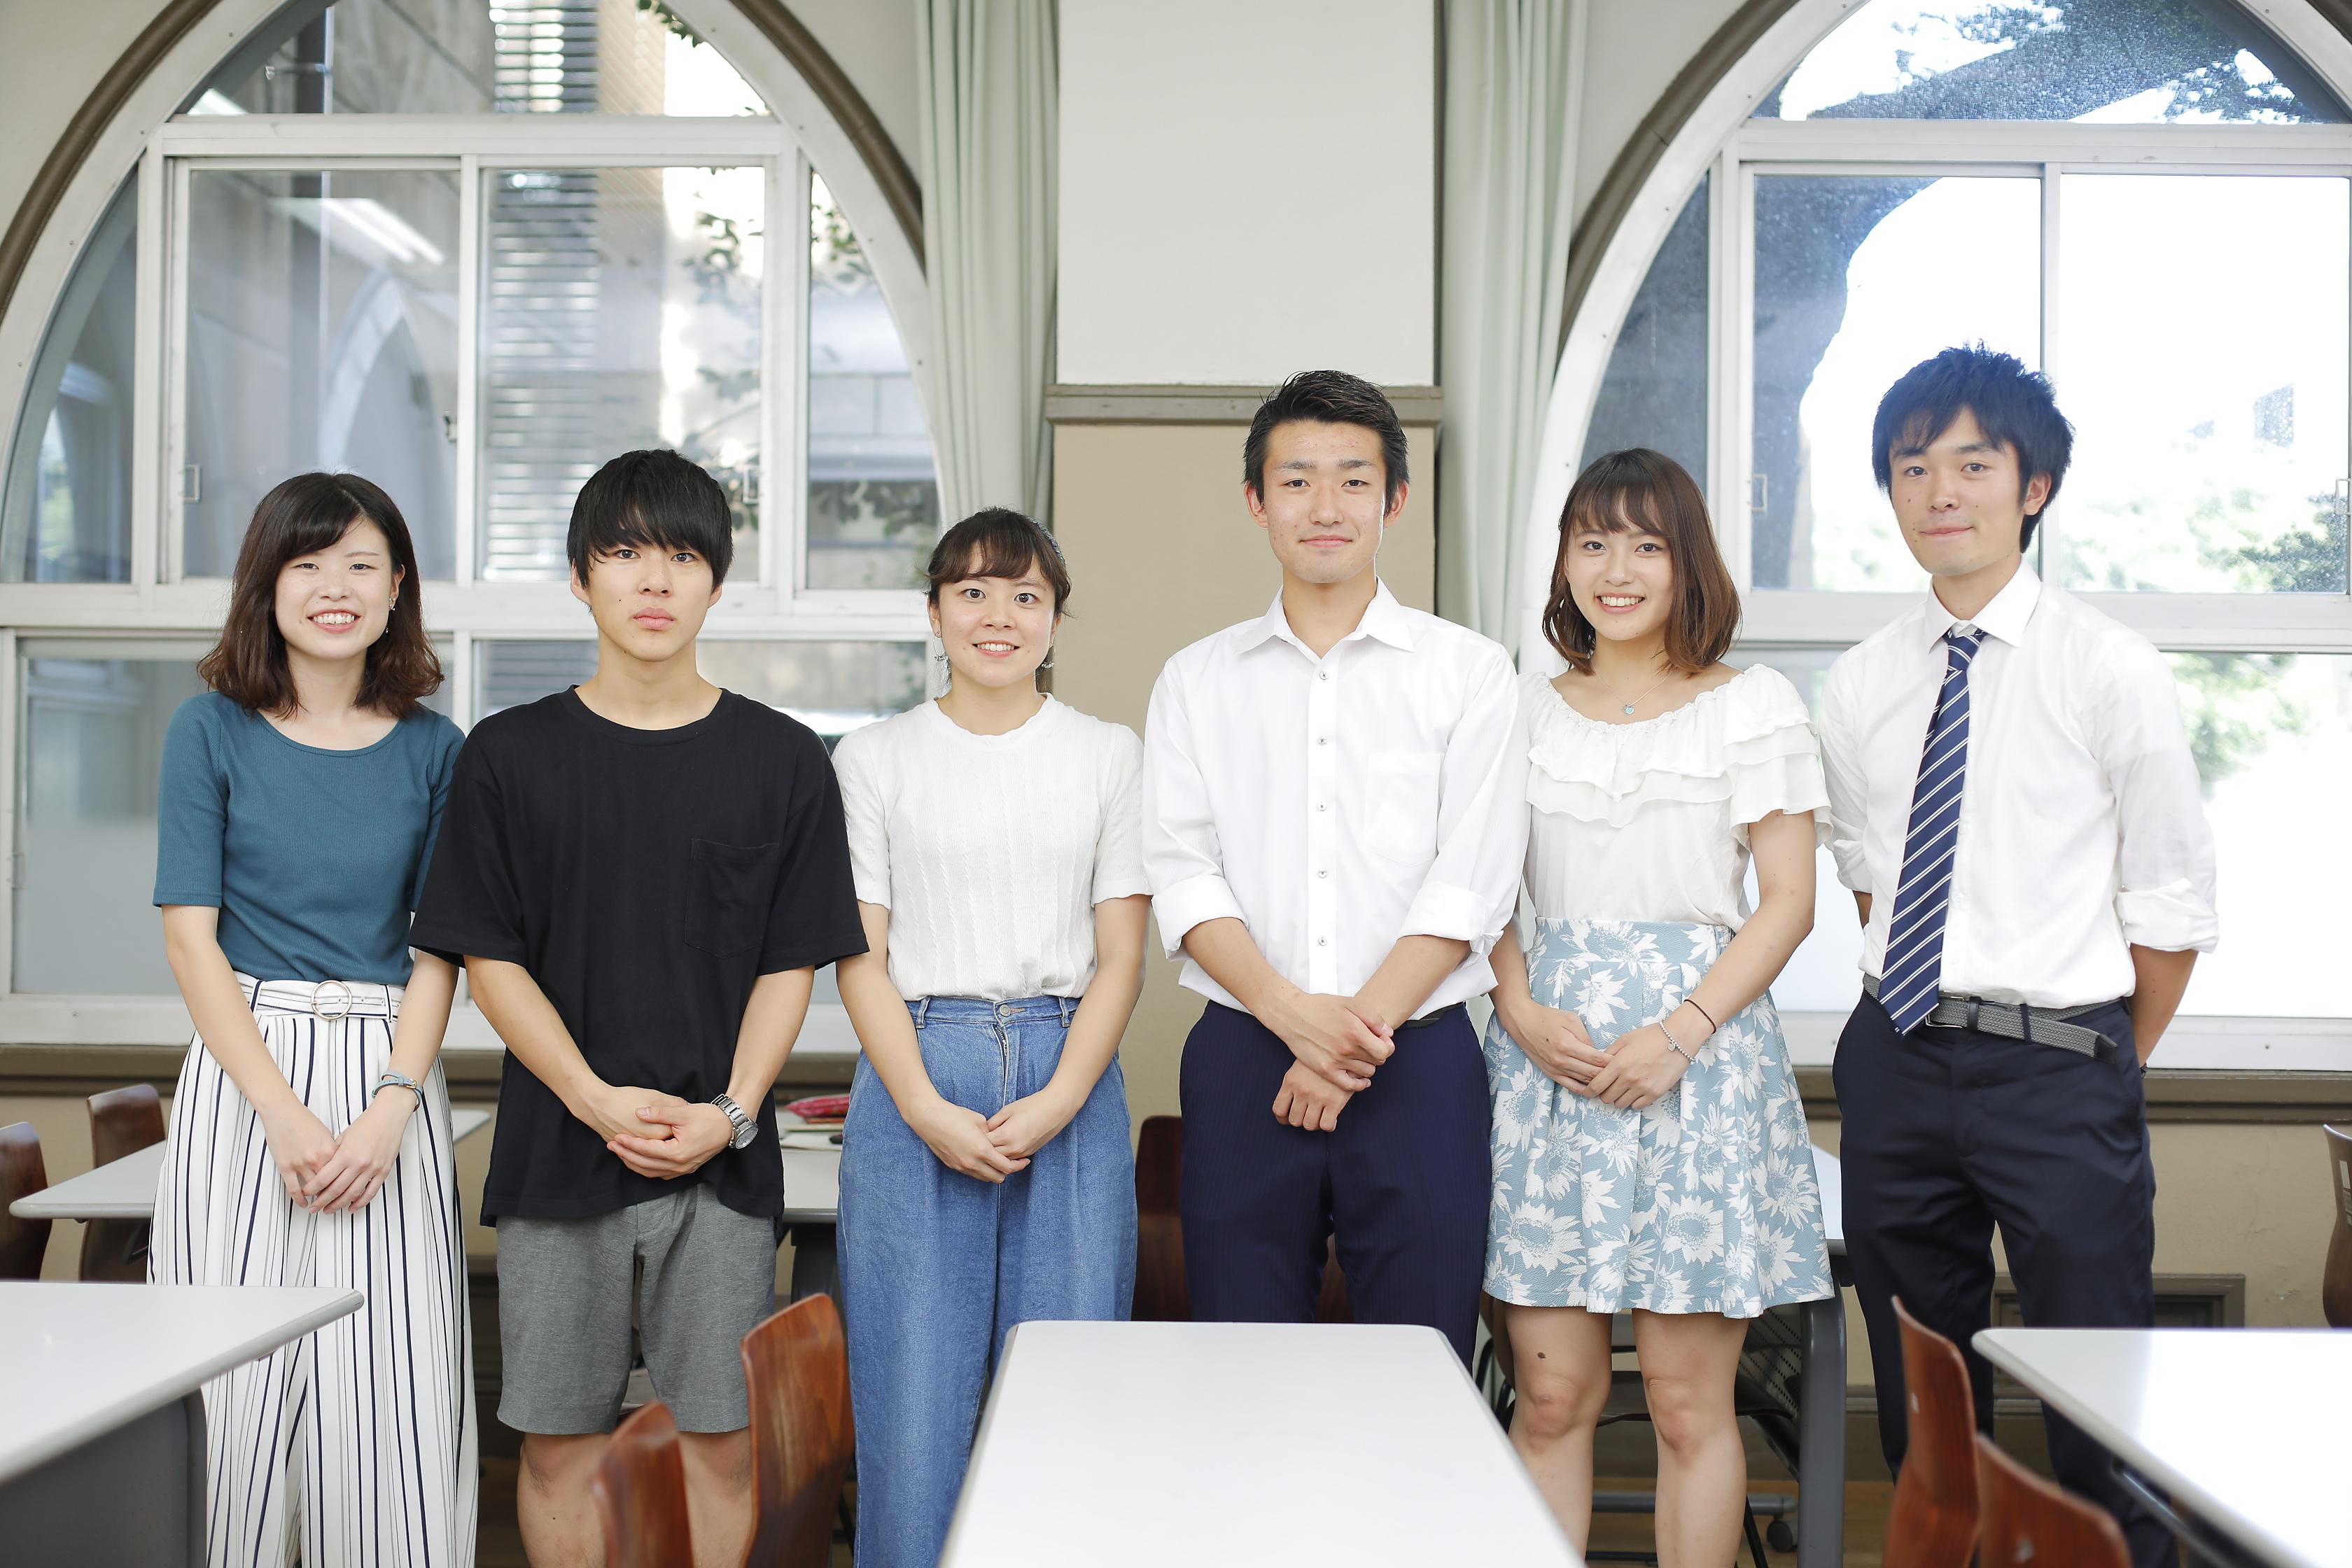 代表者たちの写真